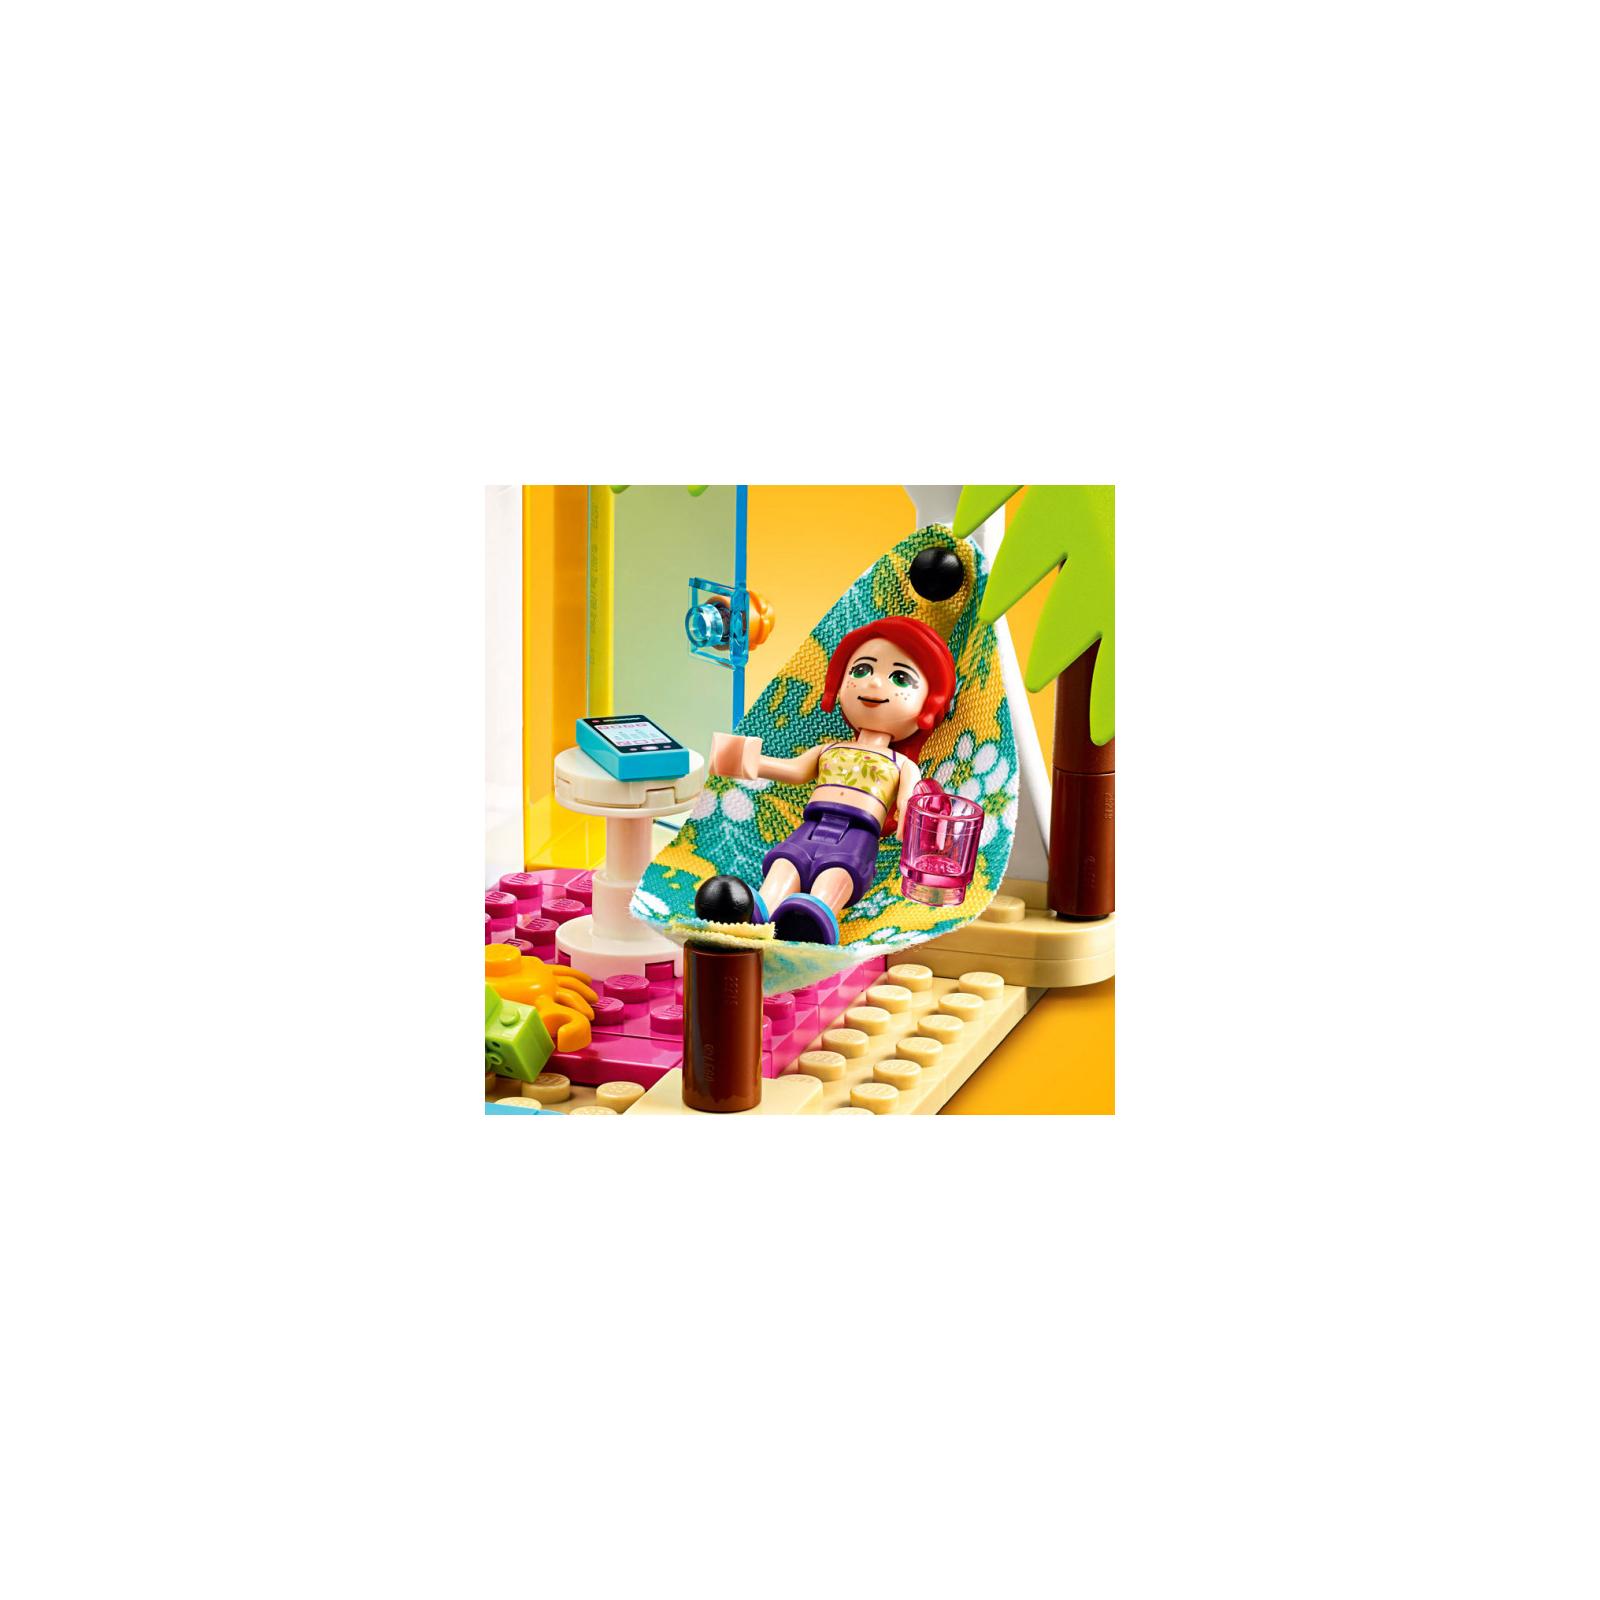 Конструктор LEGO Friends Пляжный домик 444 детали (41428) изображение 12